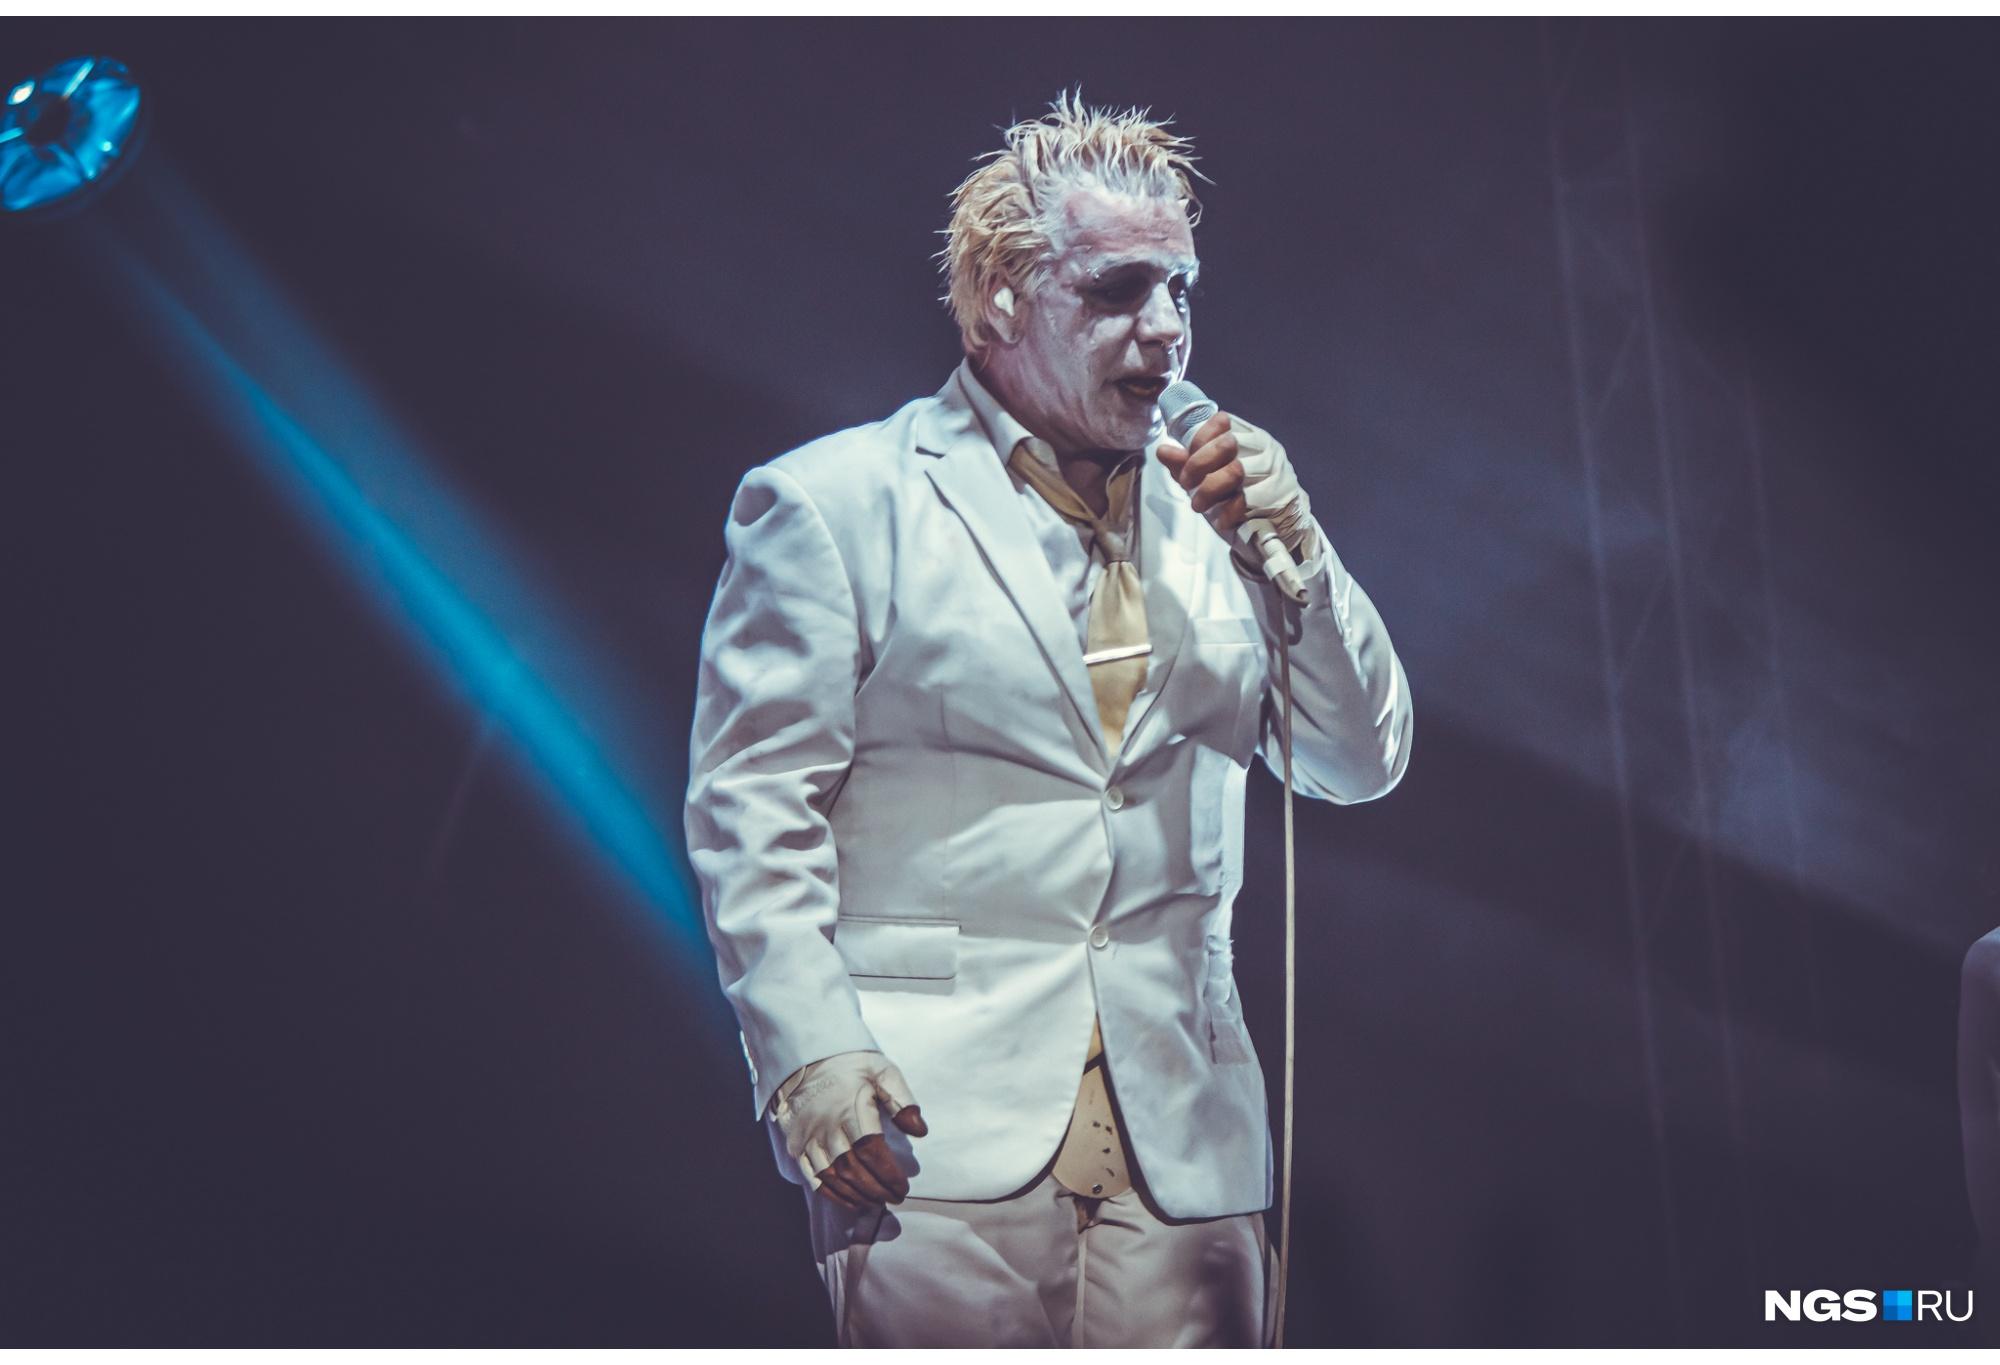 В поддержку выхода своего второго альбома Линдеманн отправился в тур по городам России, Украины и Беларуси